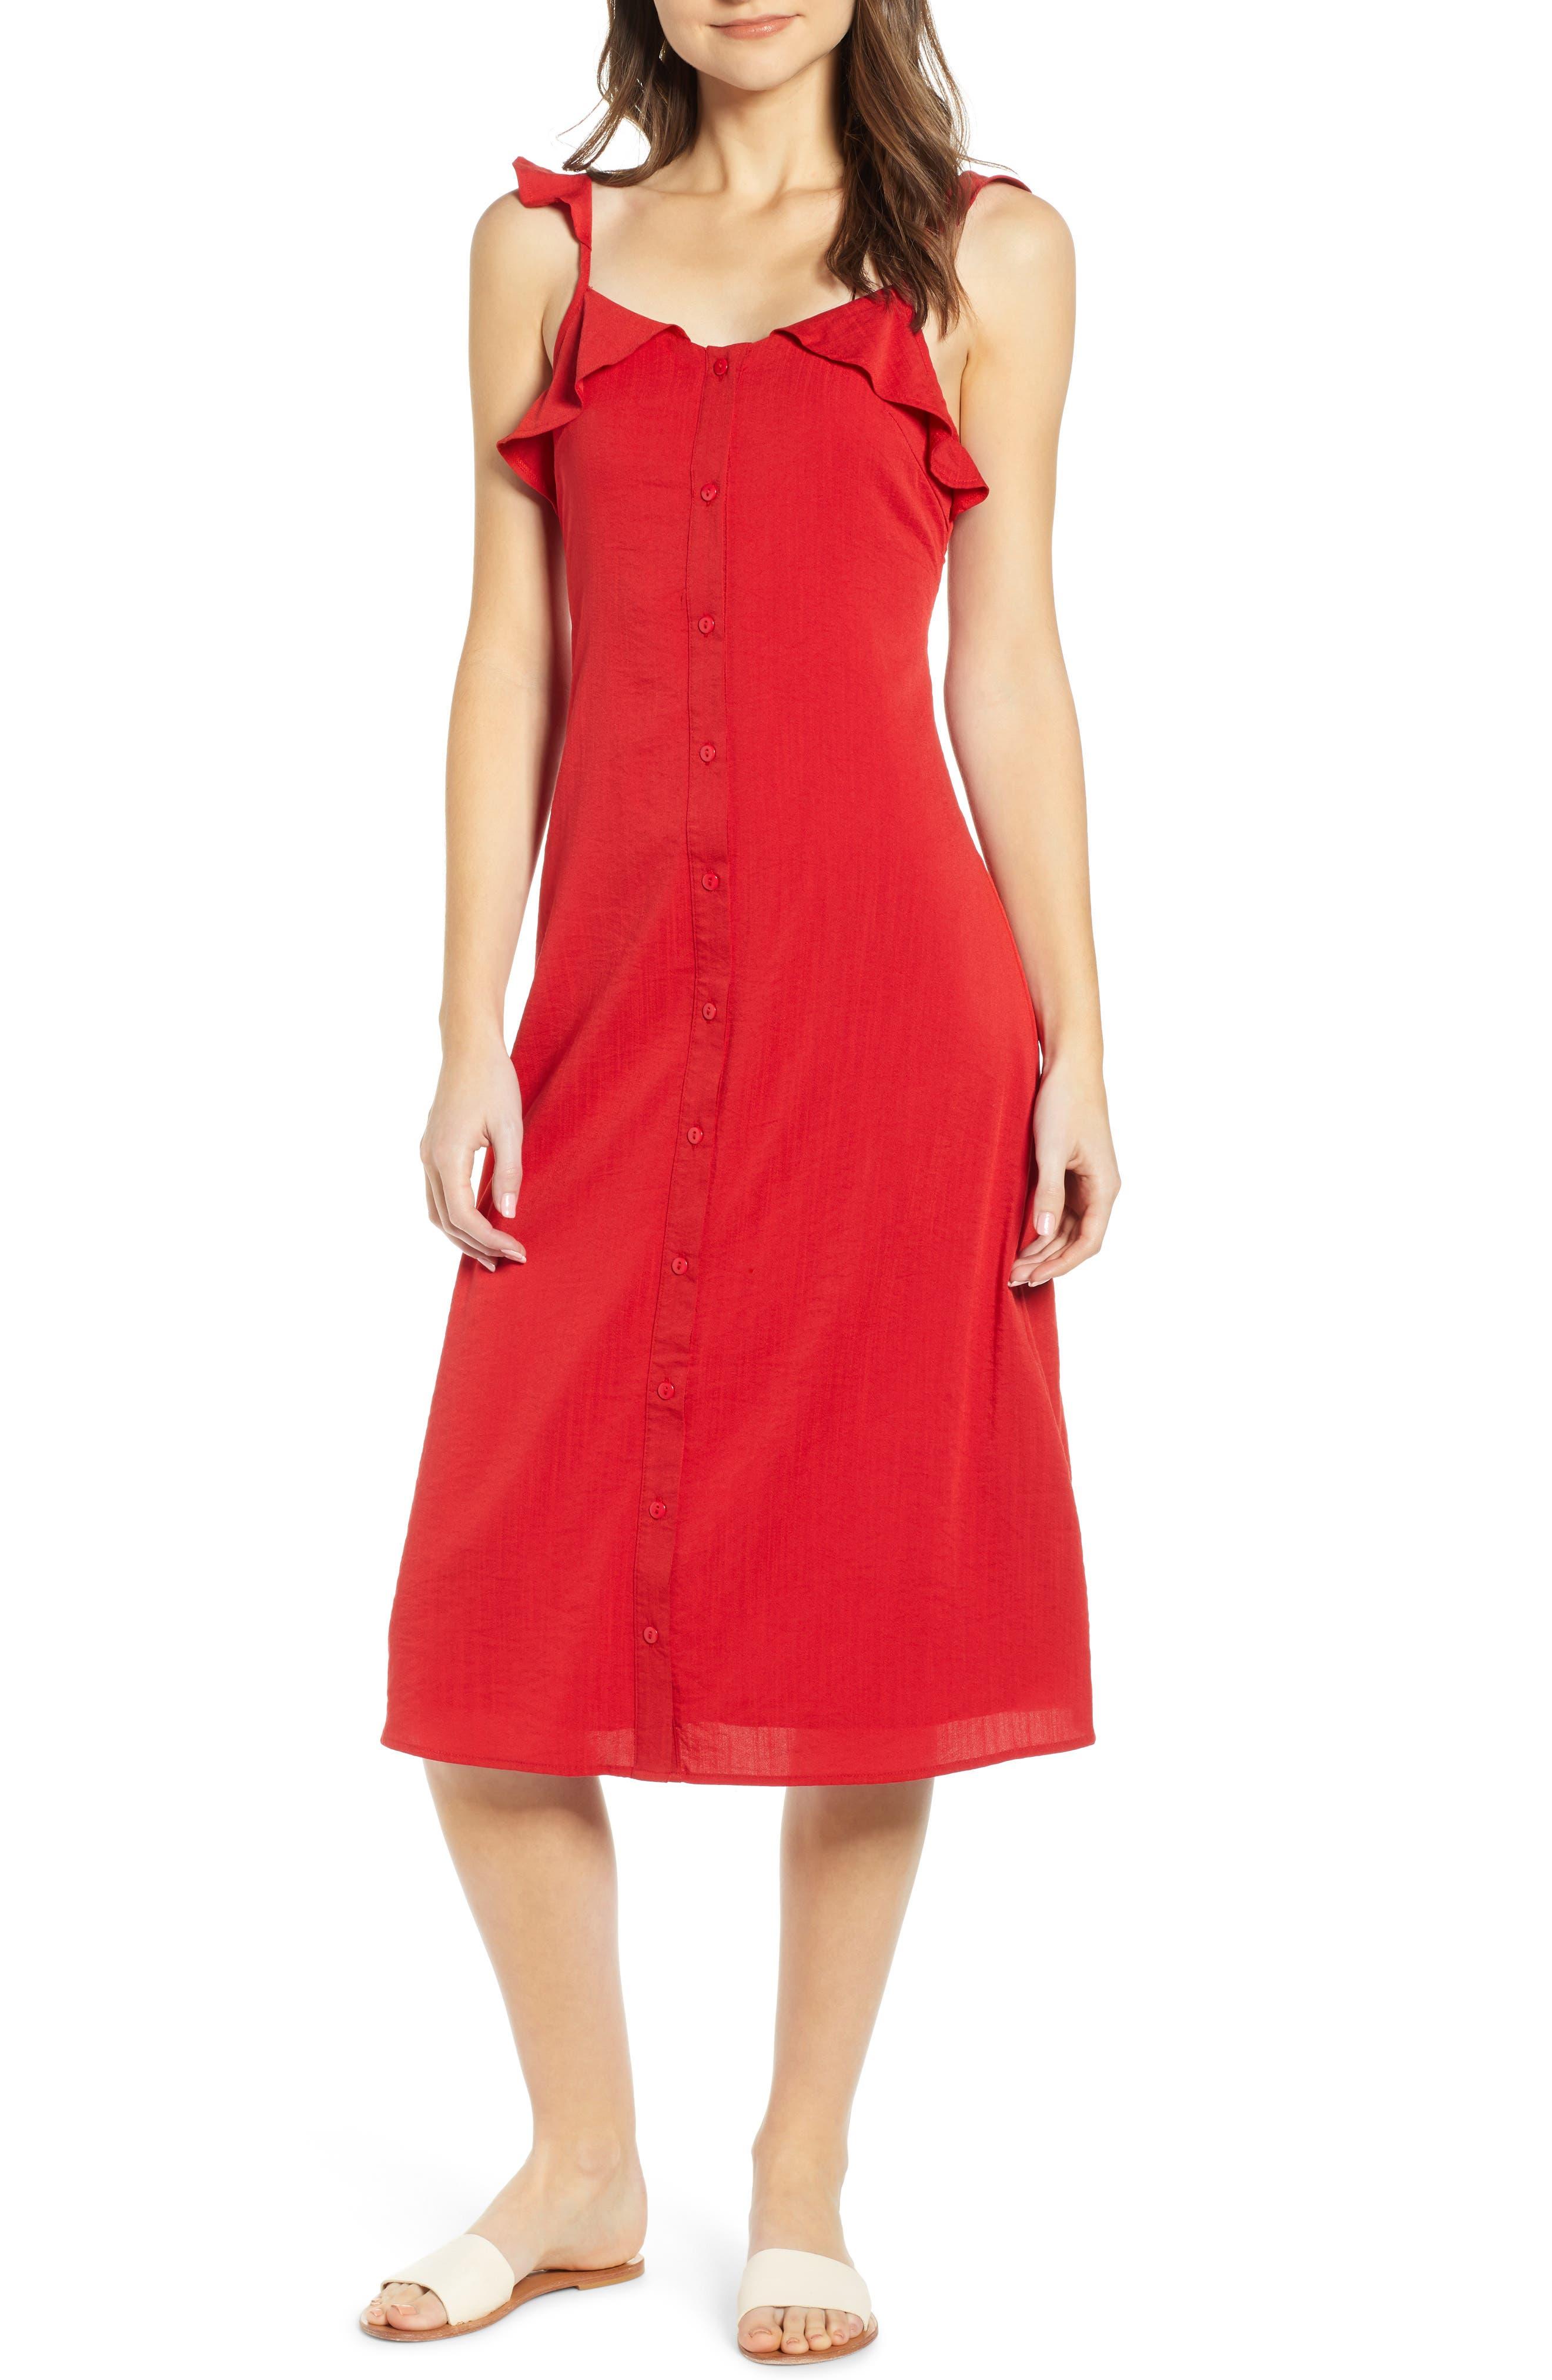 Lira Clothing Ash Dress, Red